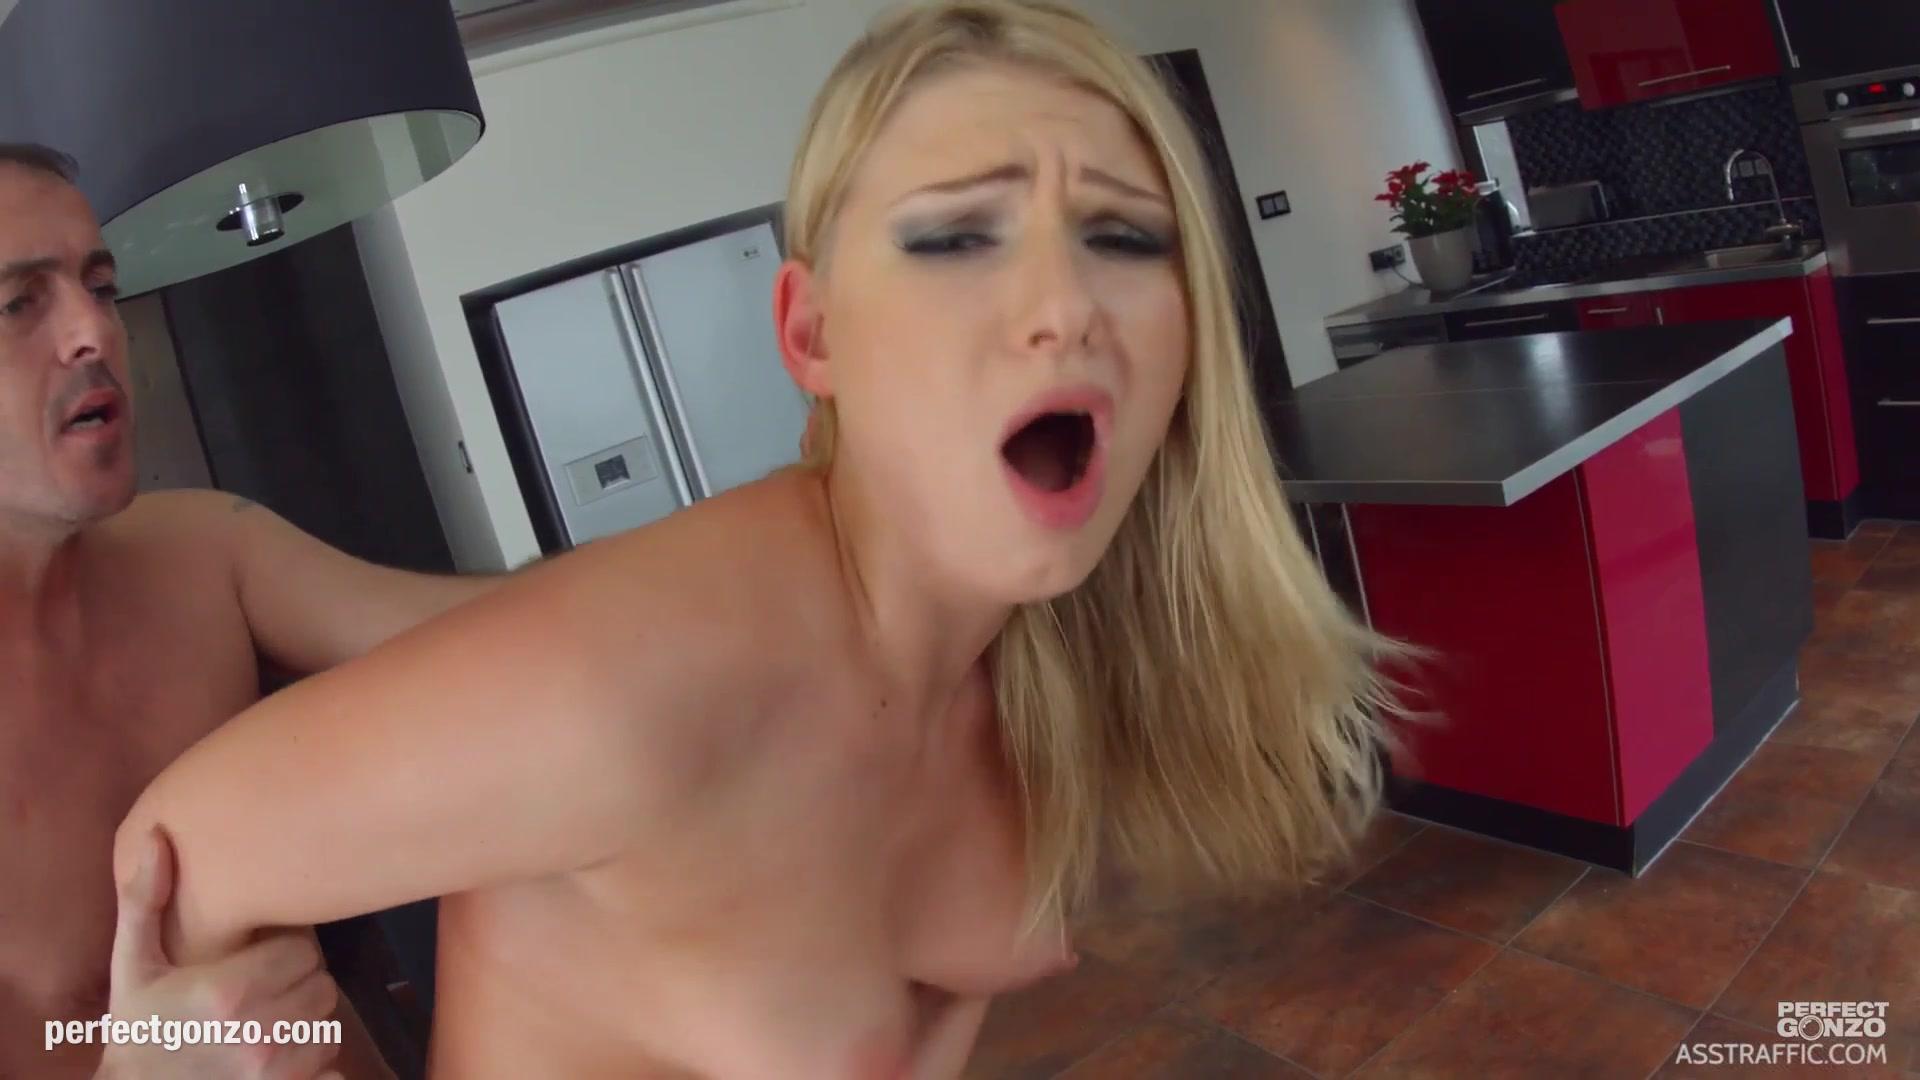 Nude 18+ Sex slaves hot porno